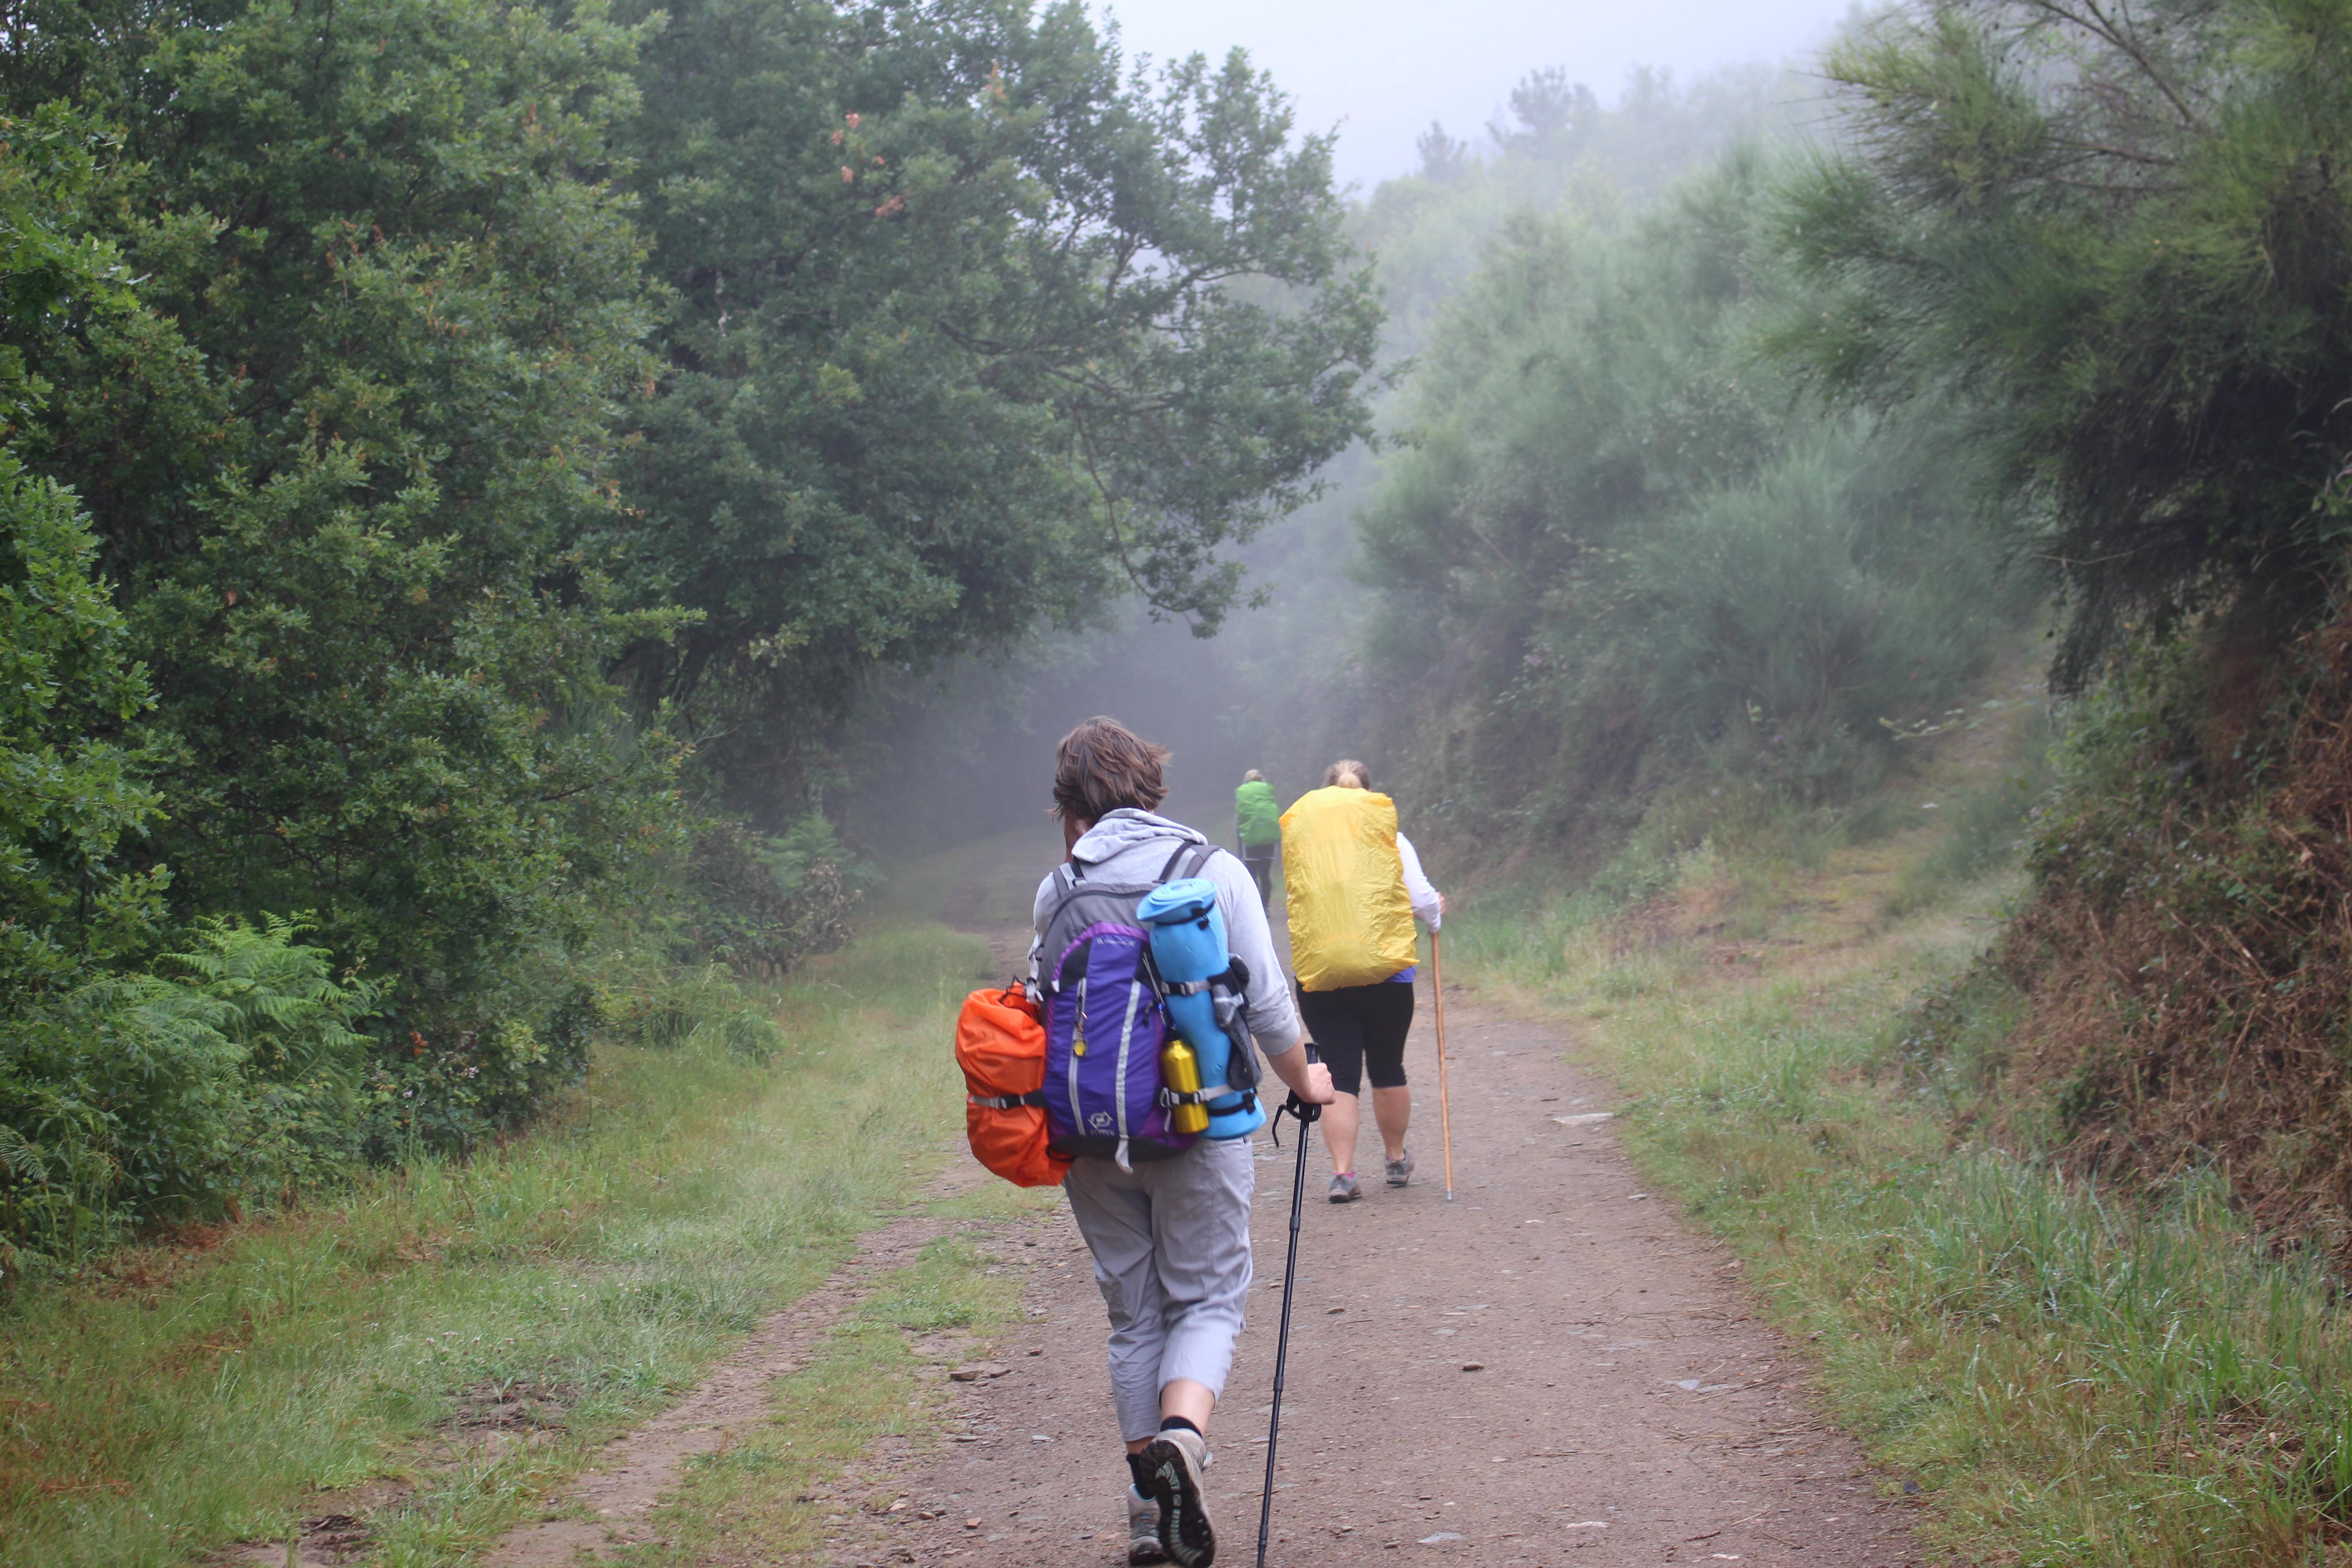 Camino de santiago in 33 days st jean santiago trail - St jean pied de port to santiago distance ...